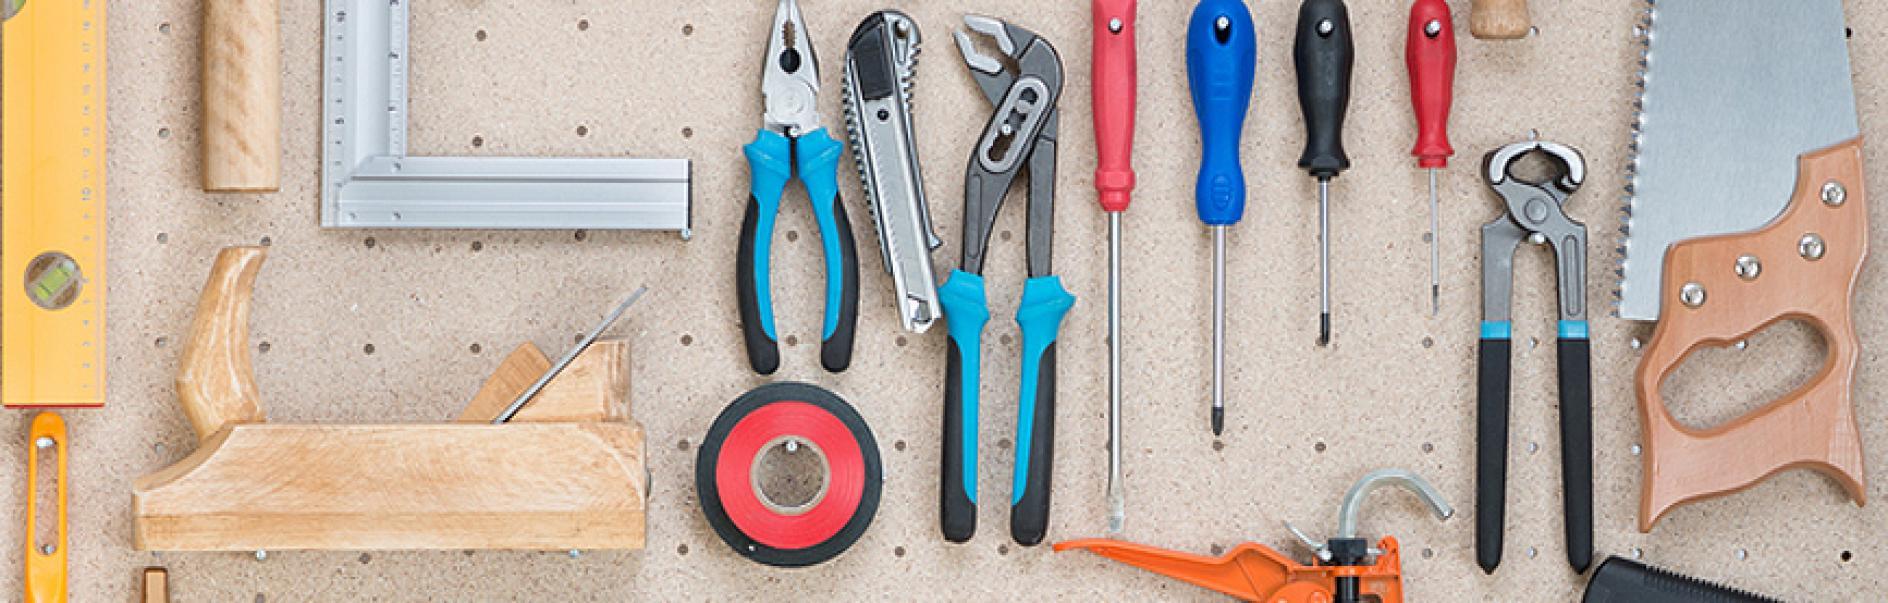 ad131a7b1 Håndverktøy og verktøytavle